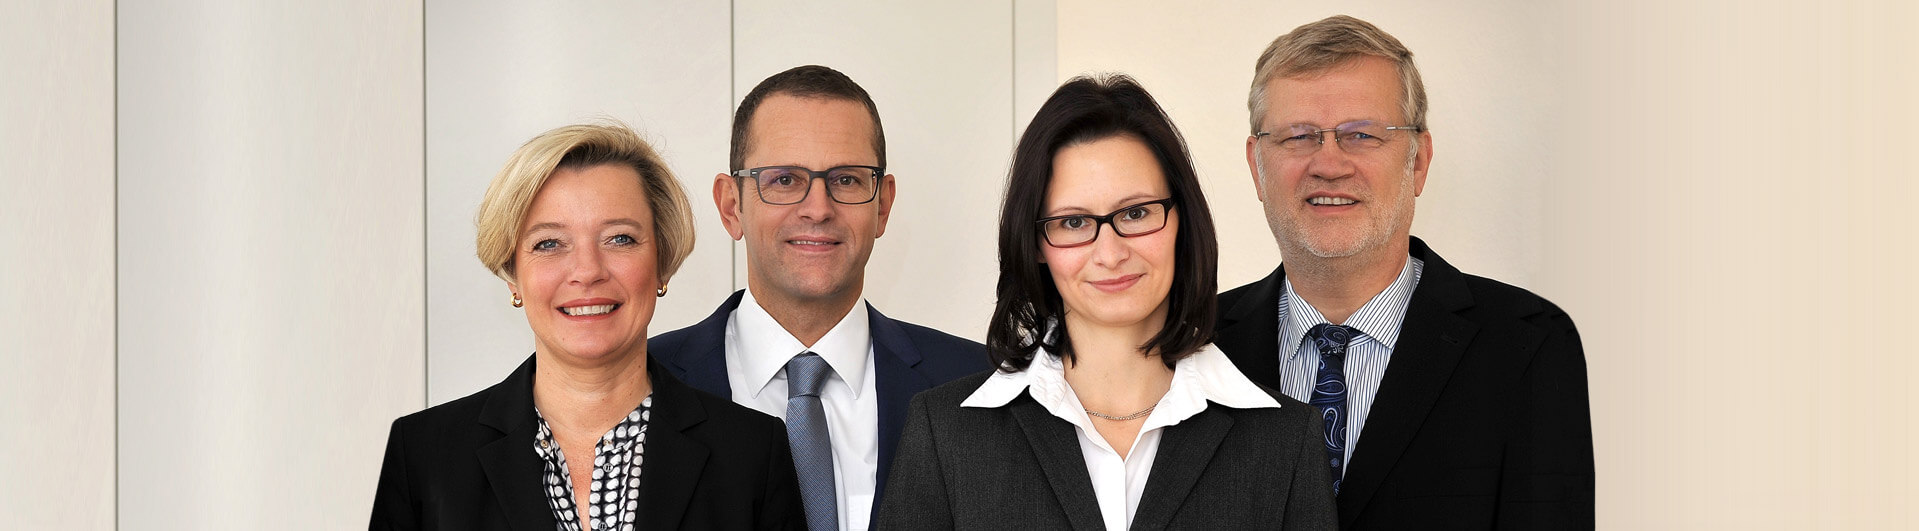 Anwaltskanzlei Erlangen - Löffler & Porstmann